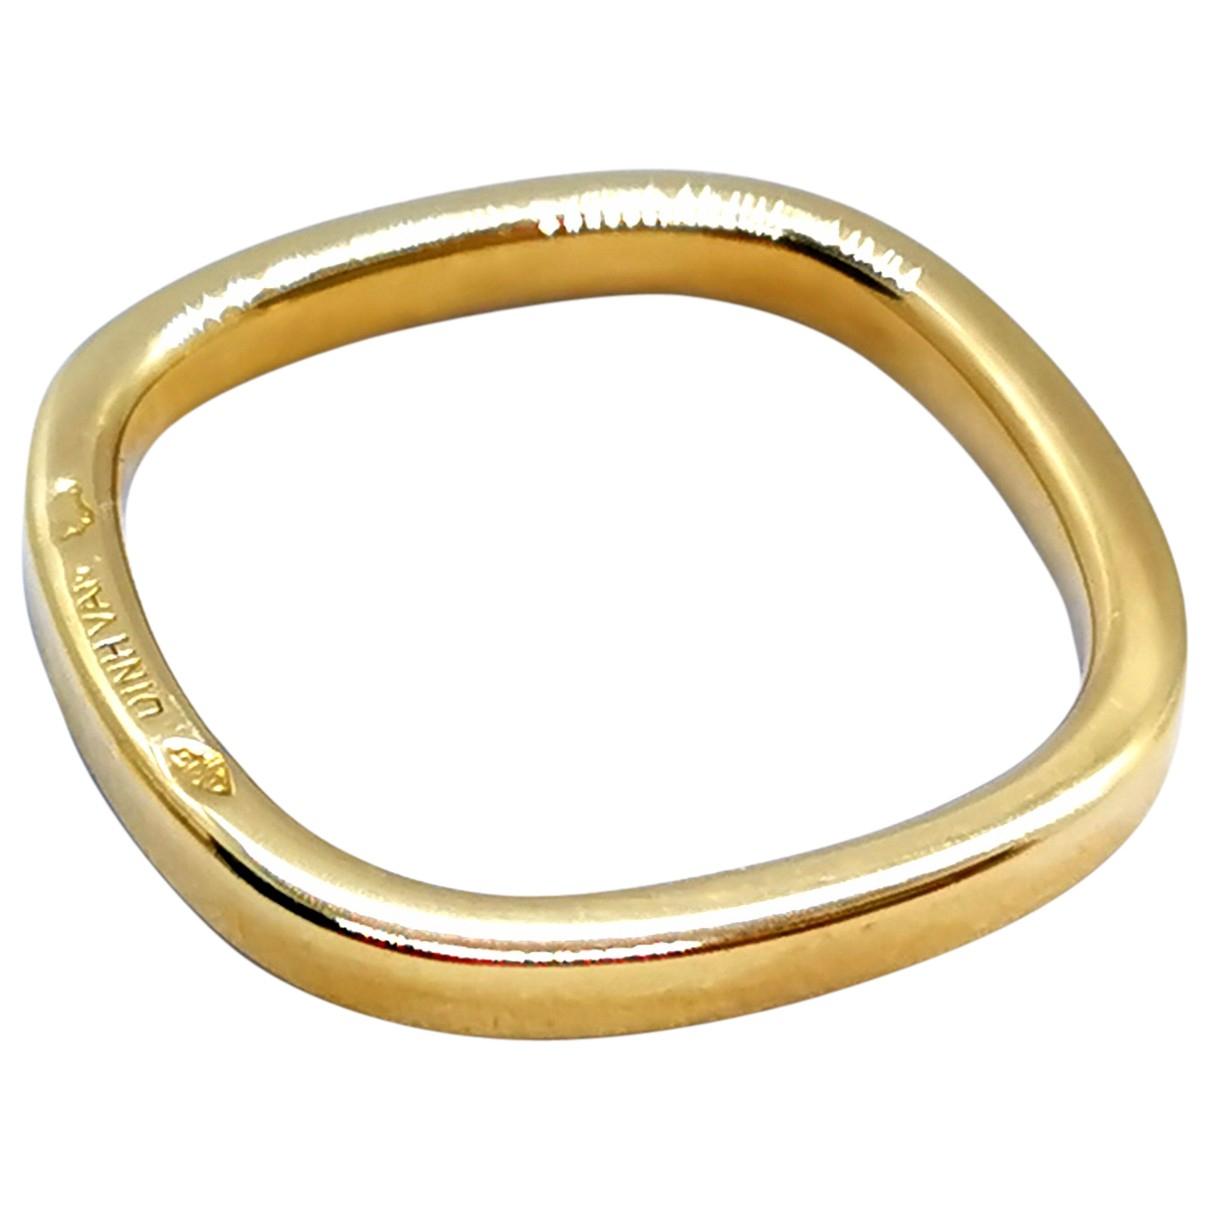 Dinh Van - Bague   pour femme en or jaune - dore